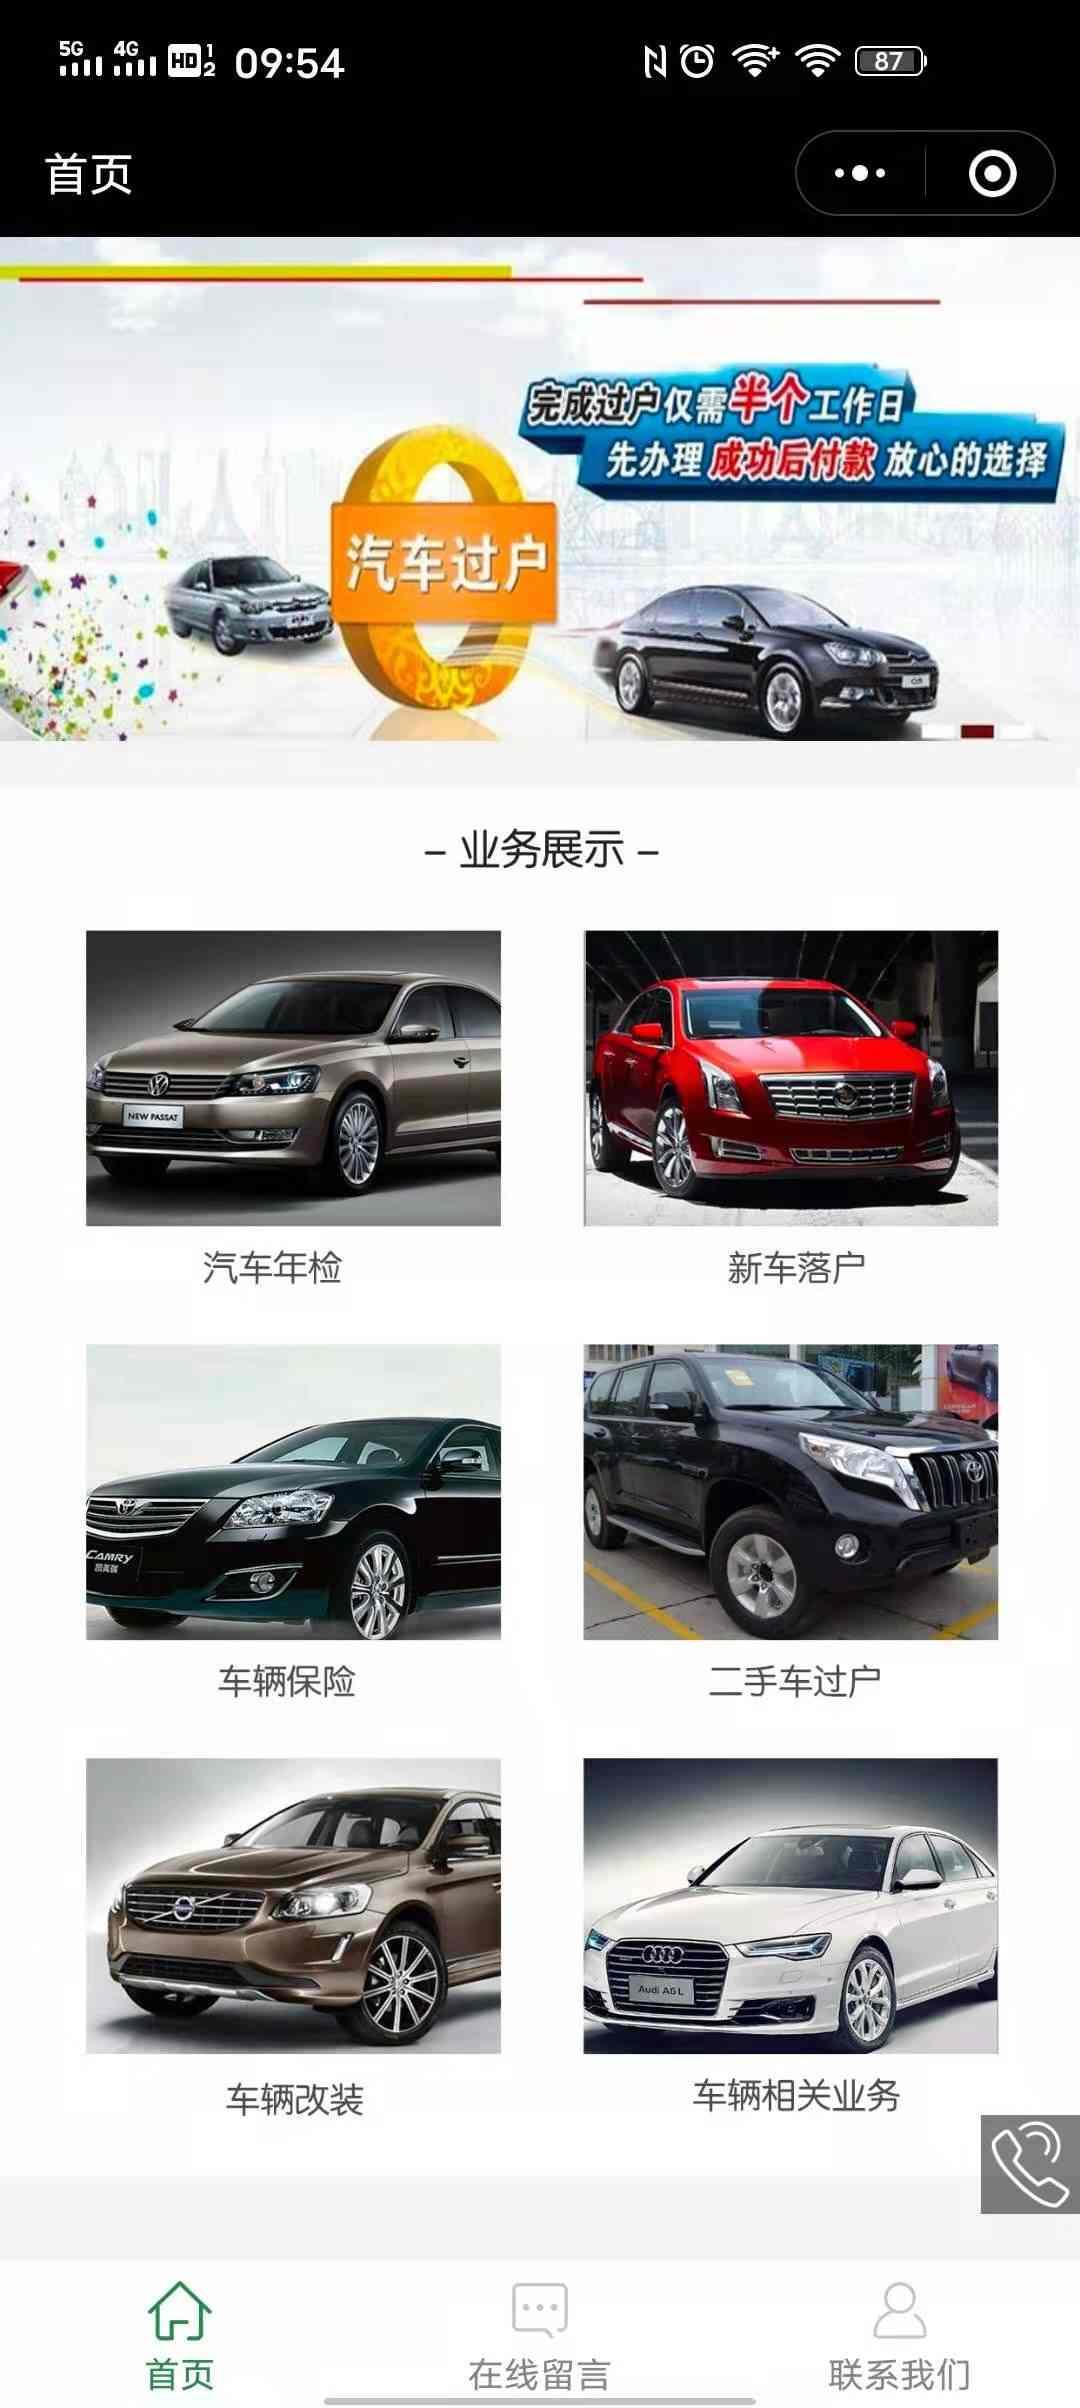 汽车年审过户业务预约系统(车辆服务站监测站微信小程序)